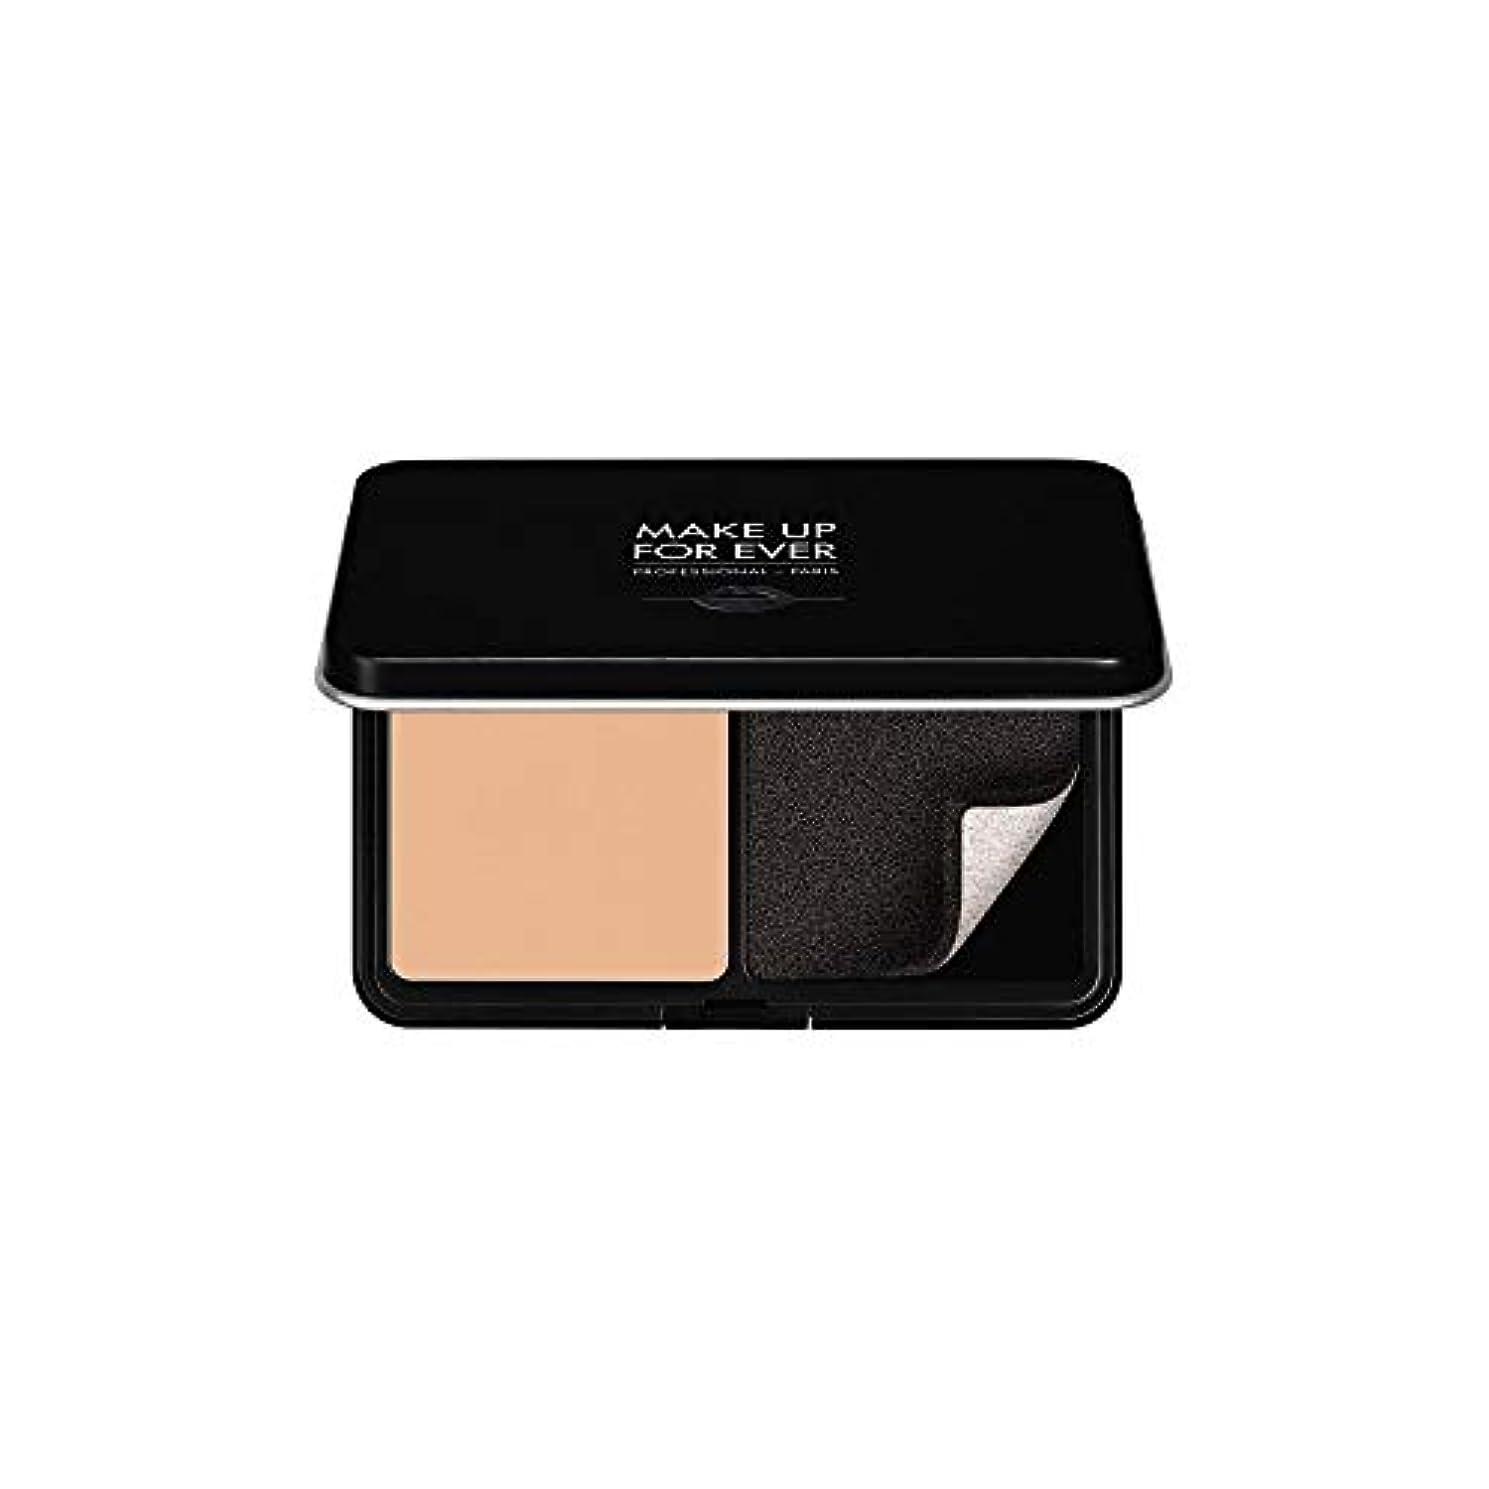 領事館責め用量メイクアップフォーエバー Matte Velvet Skin Blurring Powder Foundation - # R230 (Ivory) 11g/0.38oz並行輸入品